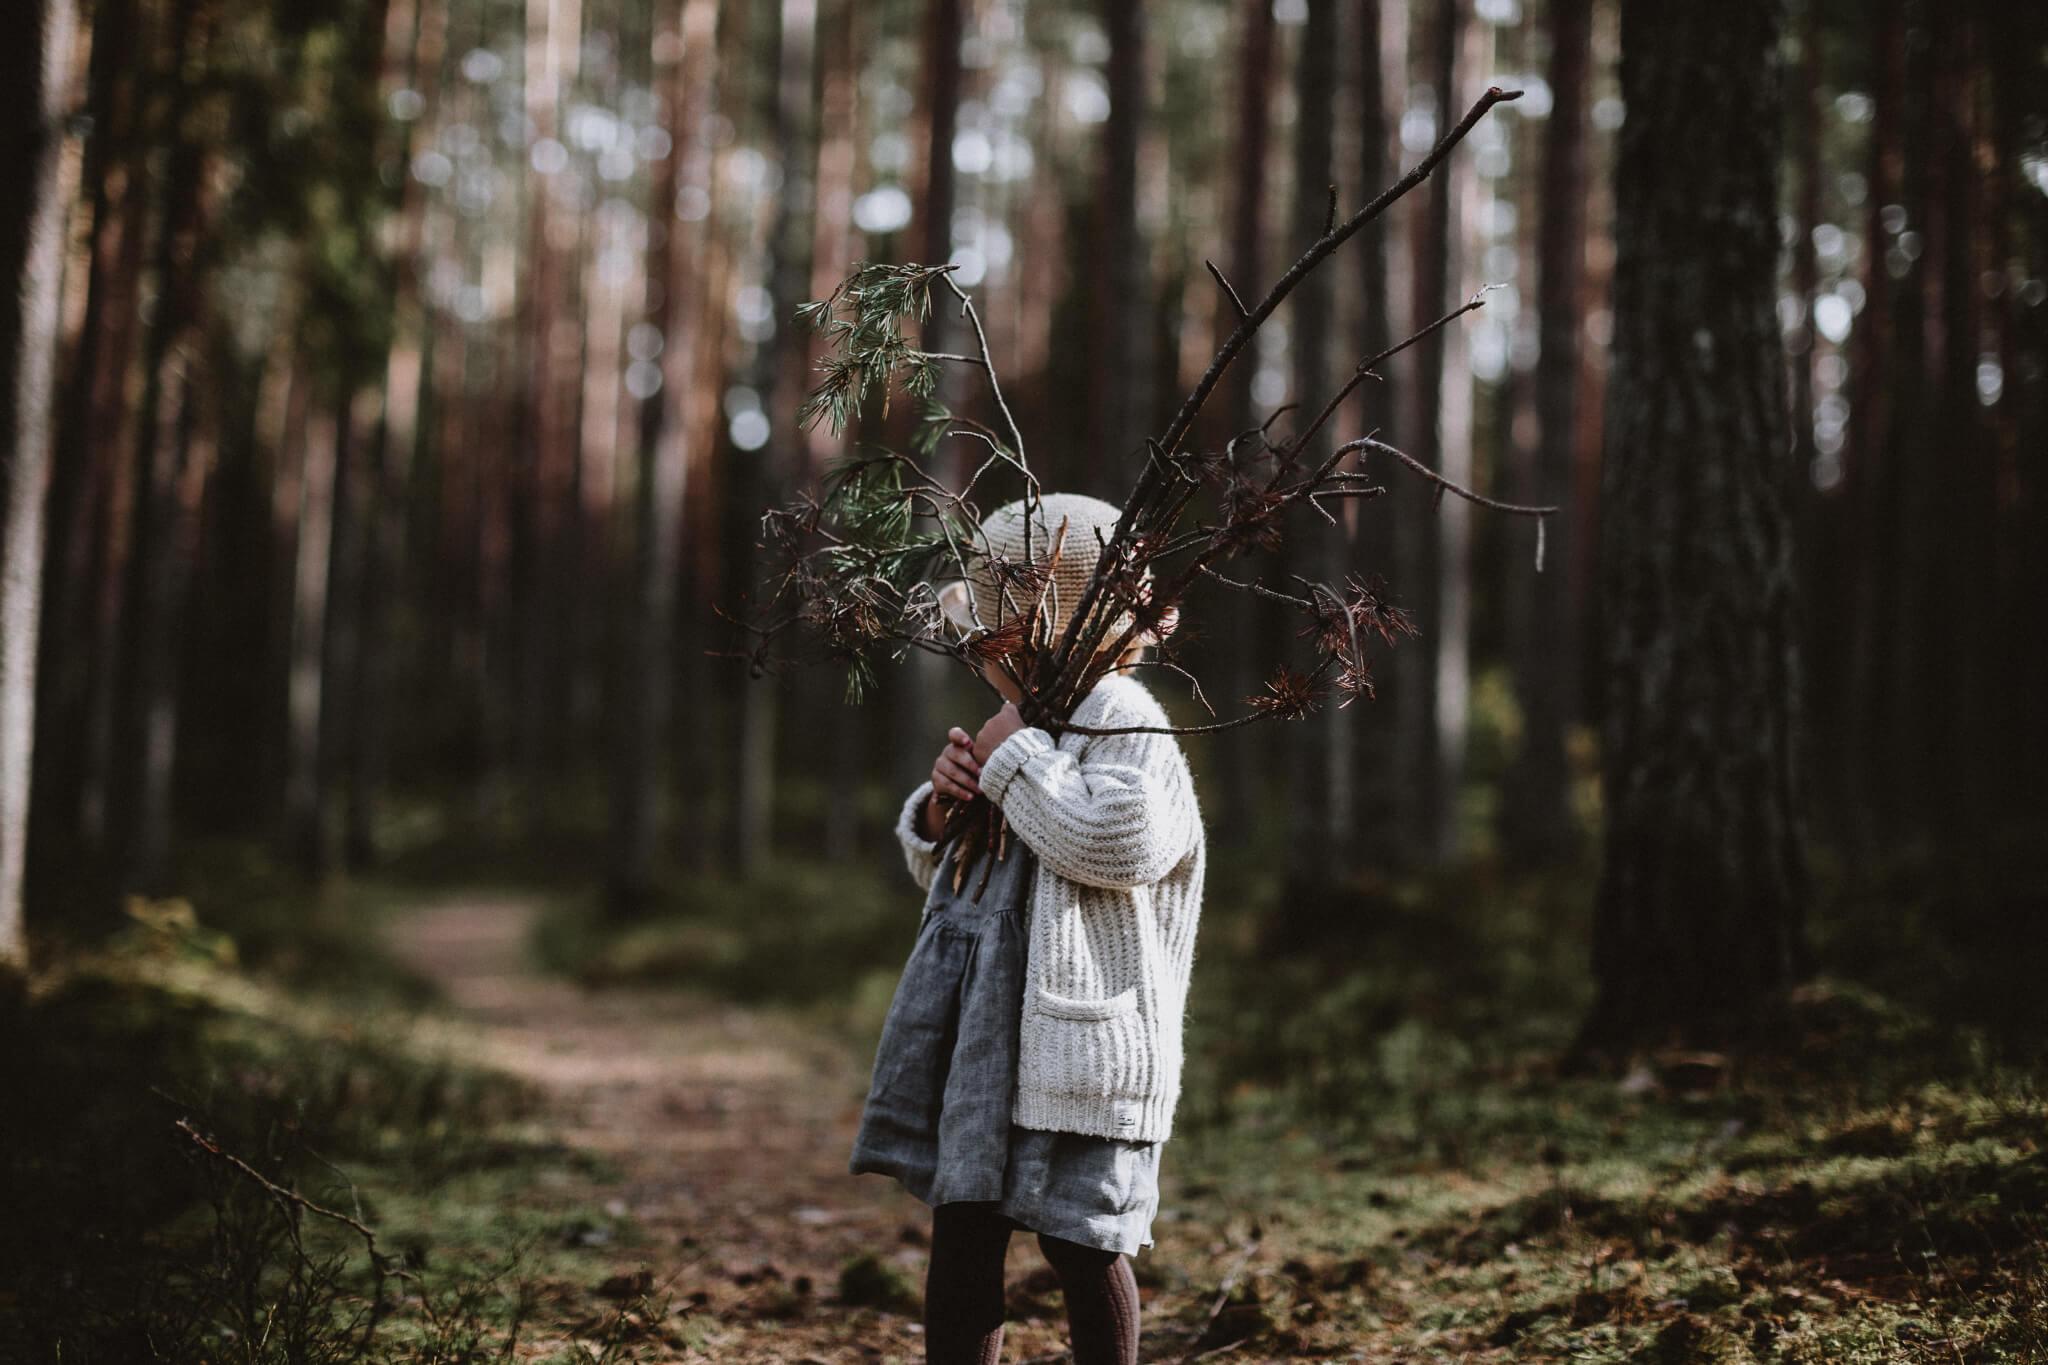 Portreefoto väikesest tüdrukust metsas, kes hoiab käes suurt oksakimpu